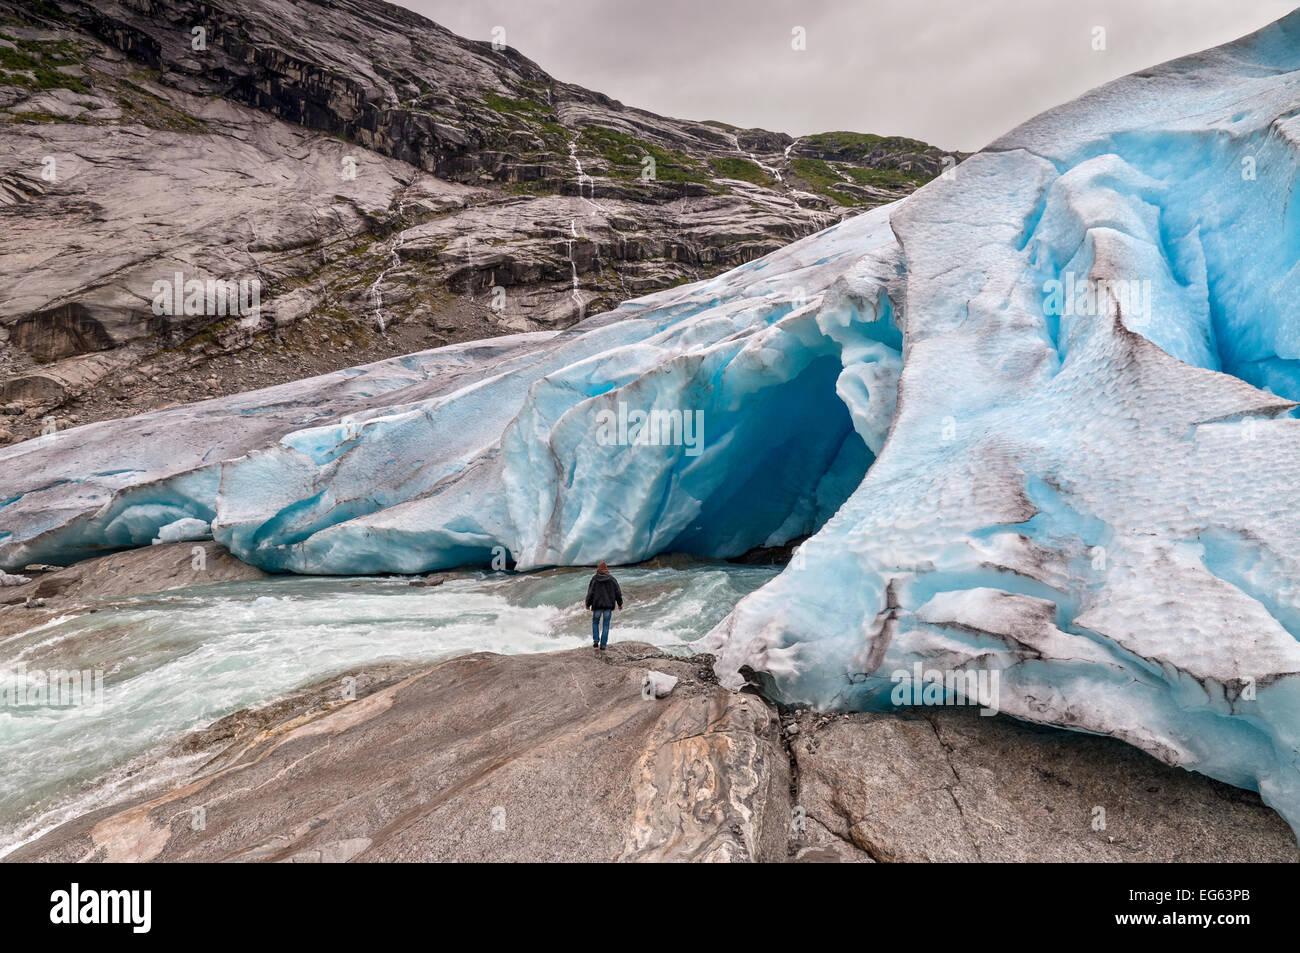 Jostedalsbreen ghiacciaio con il fiume glaciale e uomo in Norvegia - Fusione a causa del riscaldamento globale. Immagini Stock